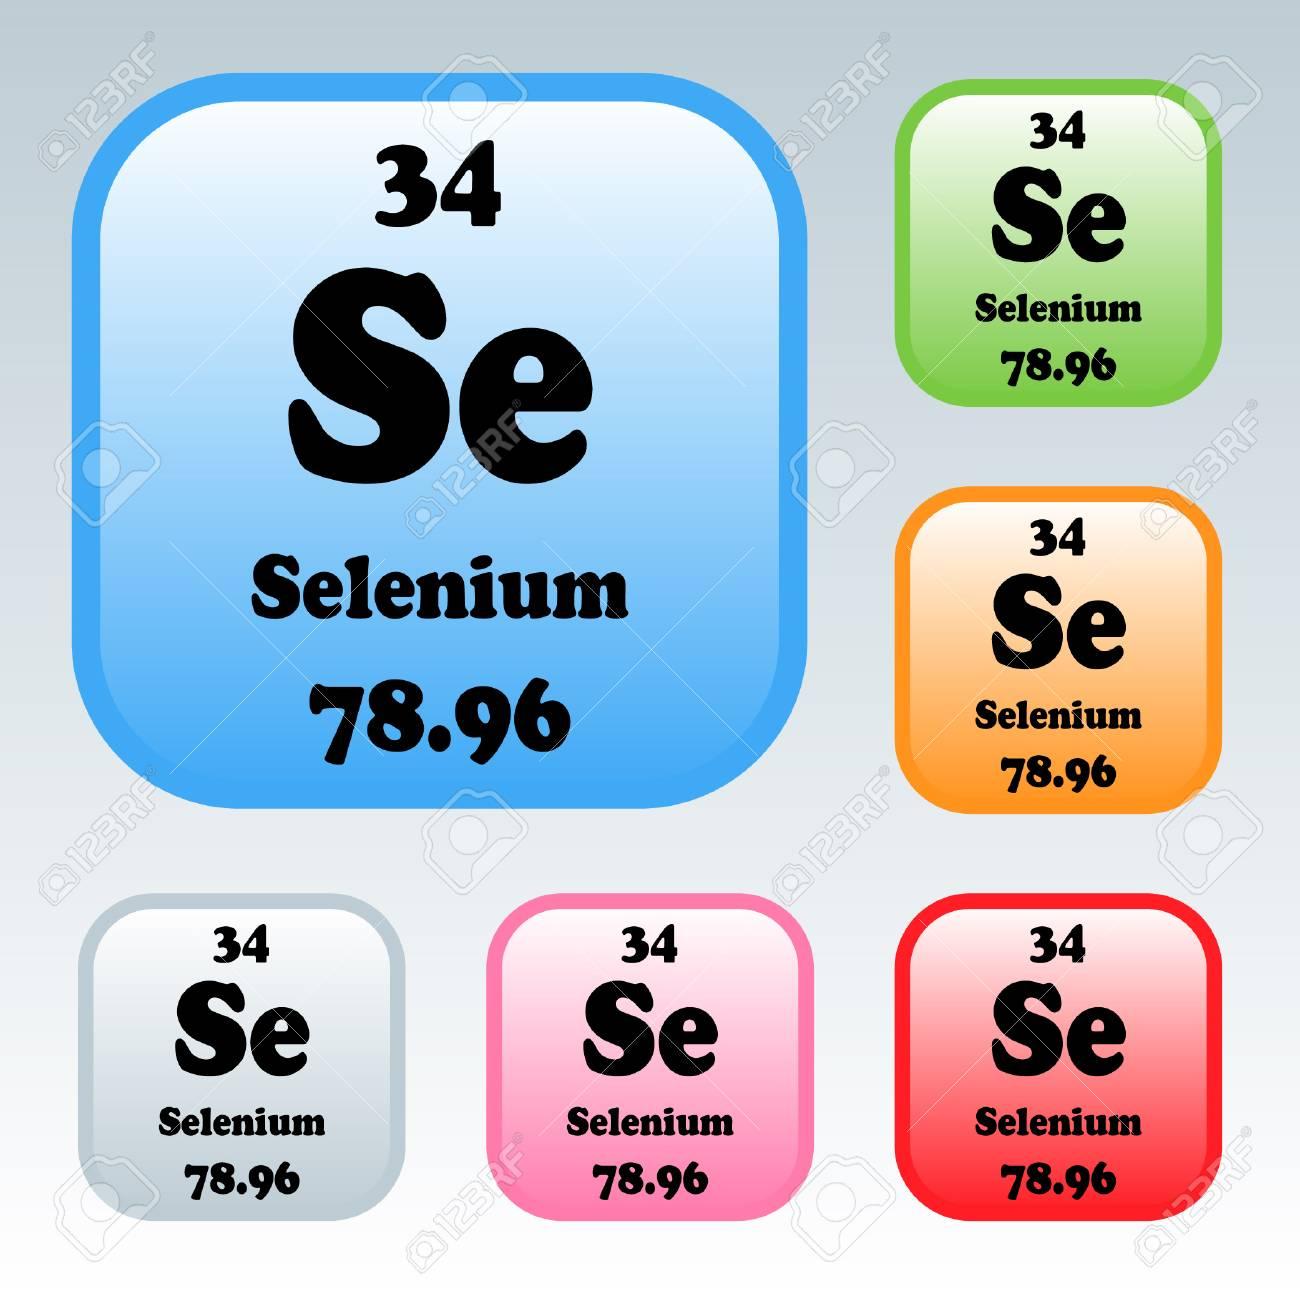 La tabla peridica de los elementos selenio ilustraciones foto de archivo la tabla peridica de los elementos selenio urtaz Images